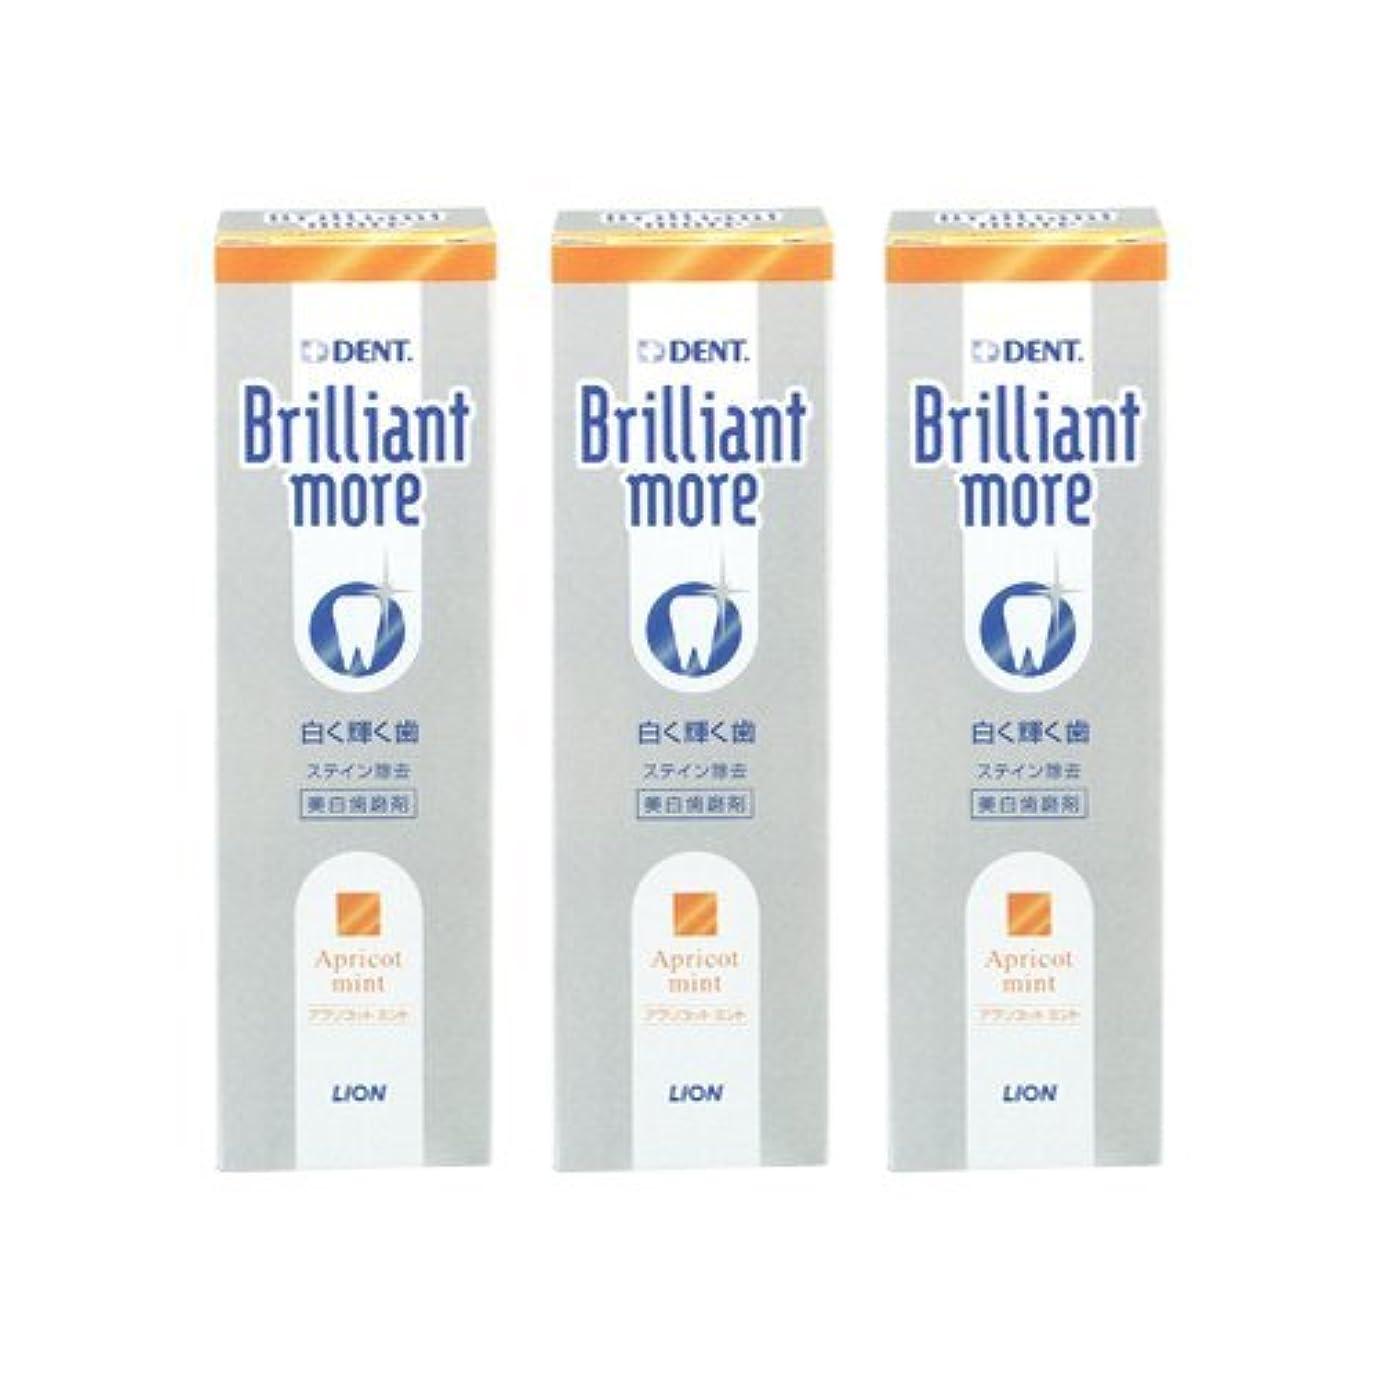 スマッシュサイトホットライオン ブリリアントモア アプリコットミント 3本セット 美白歯磨剤 LION Brilliant more